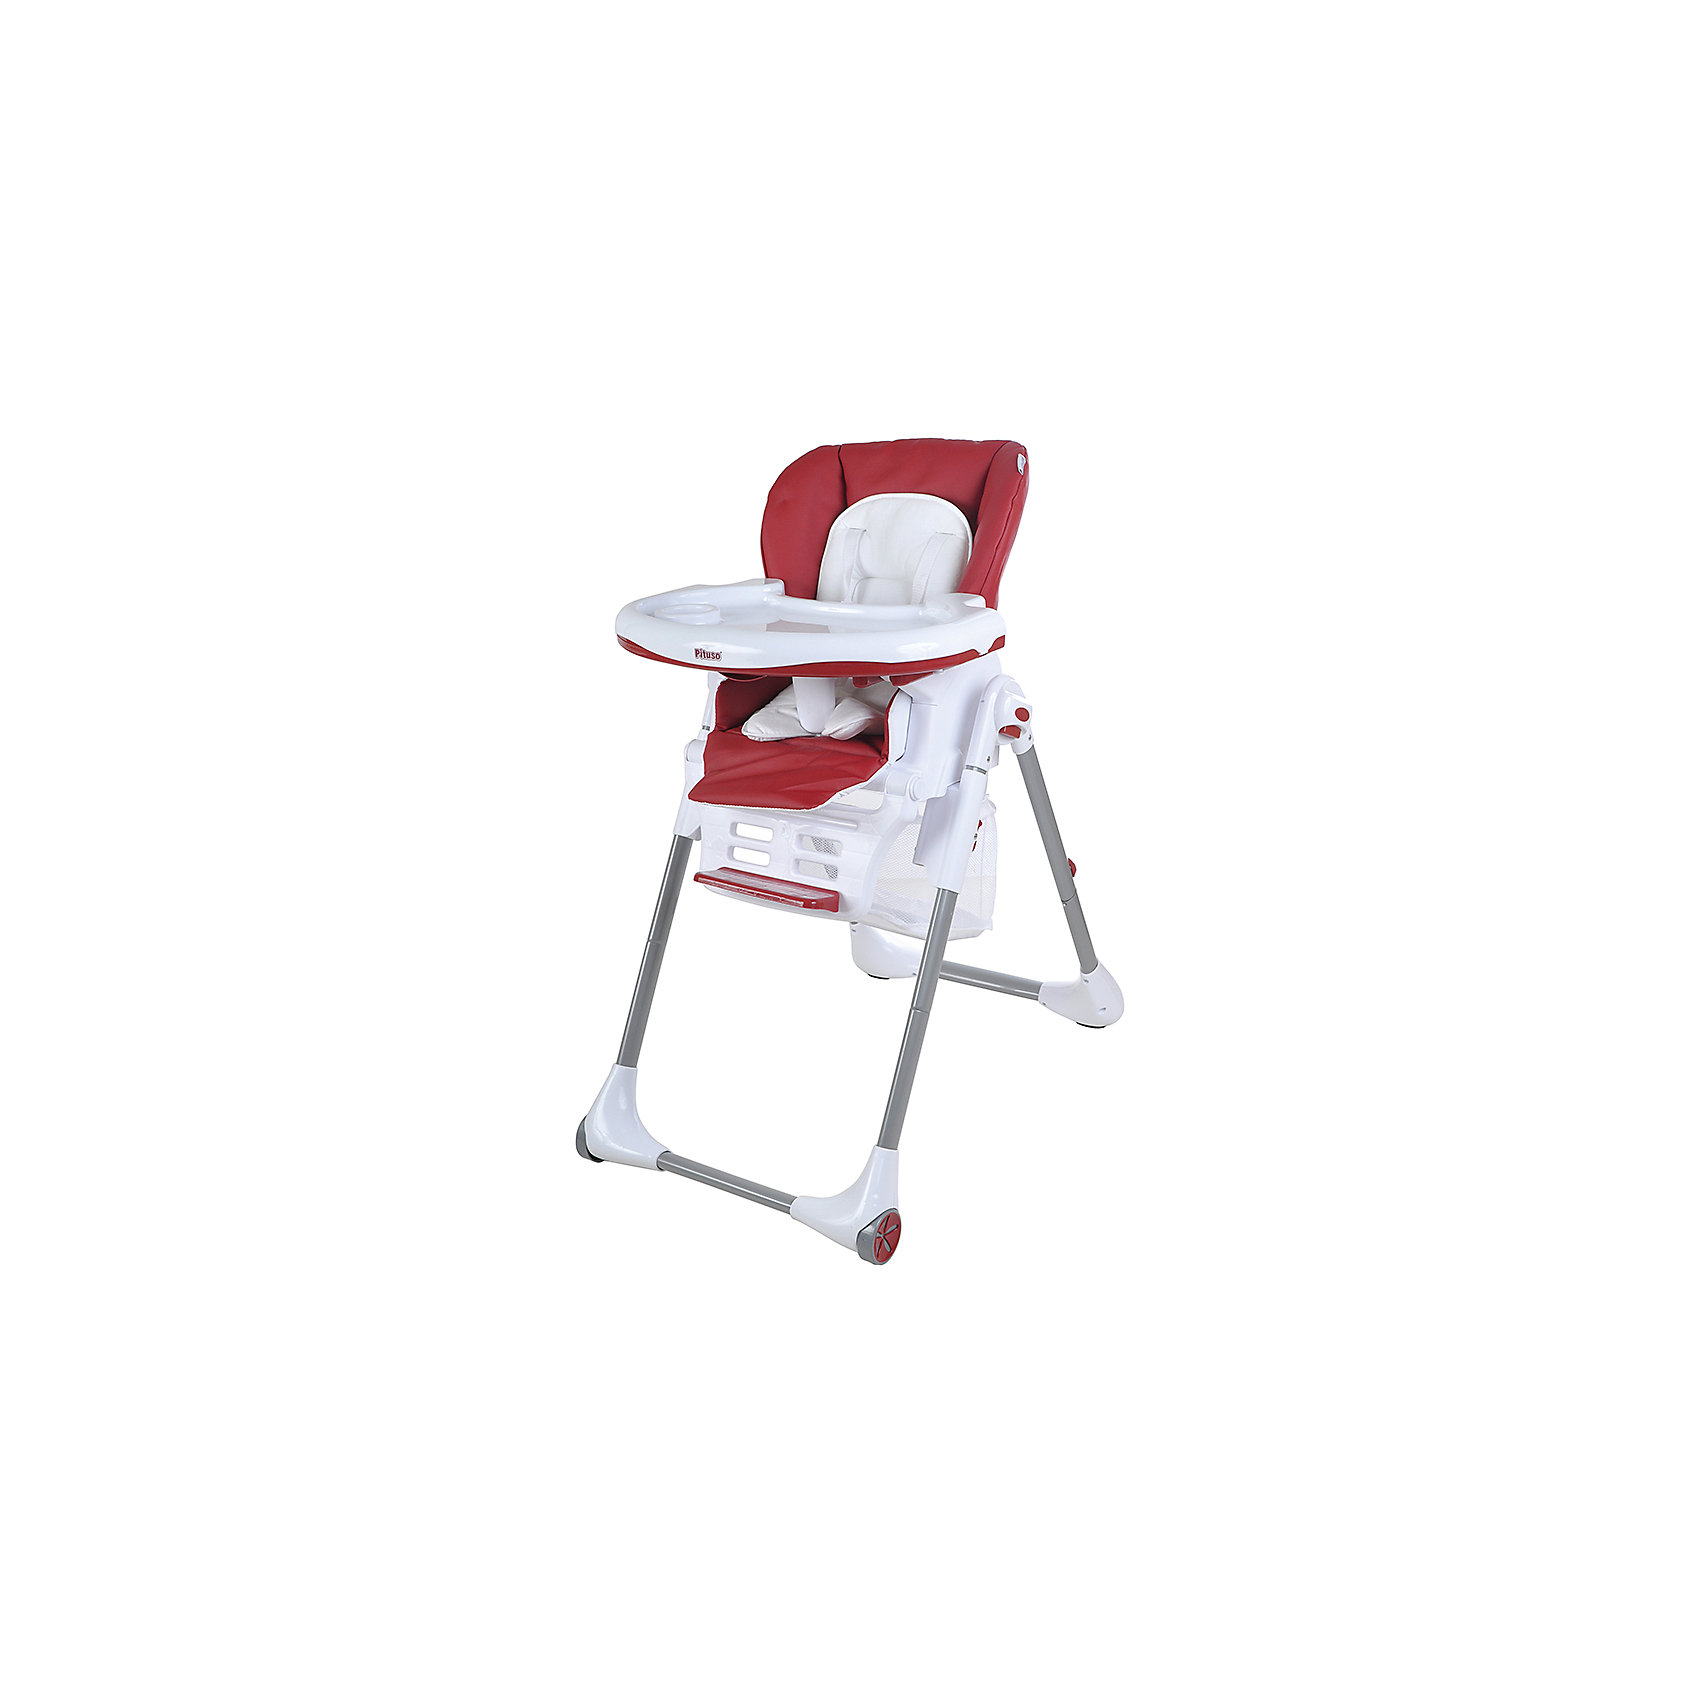 Pituso Стульчик для кормления ELCANTO, Pituso, ECO кожа, бордовый pituso стульчик для кормления bonito дружок попугай pituso белый